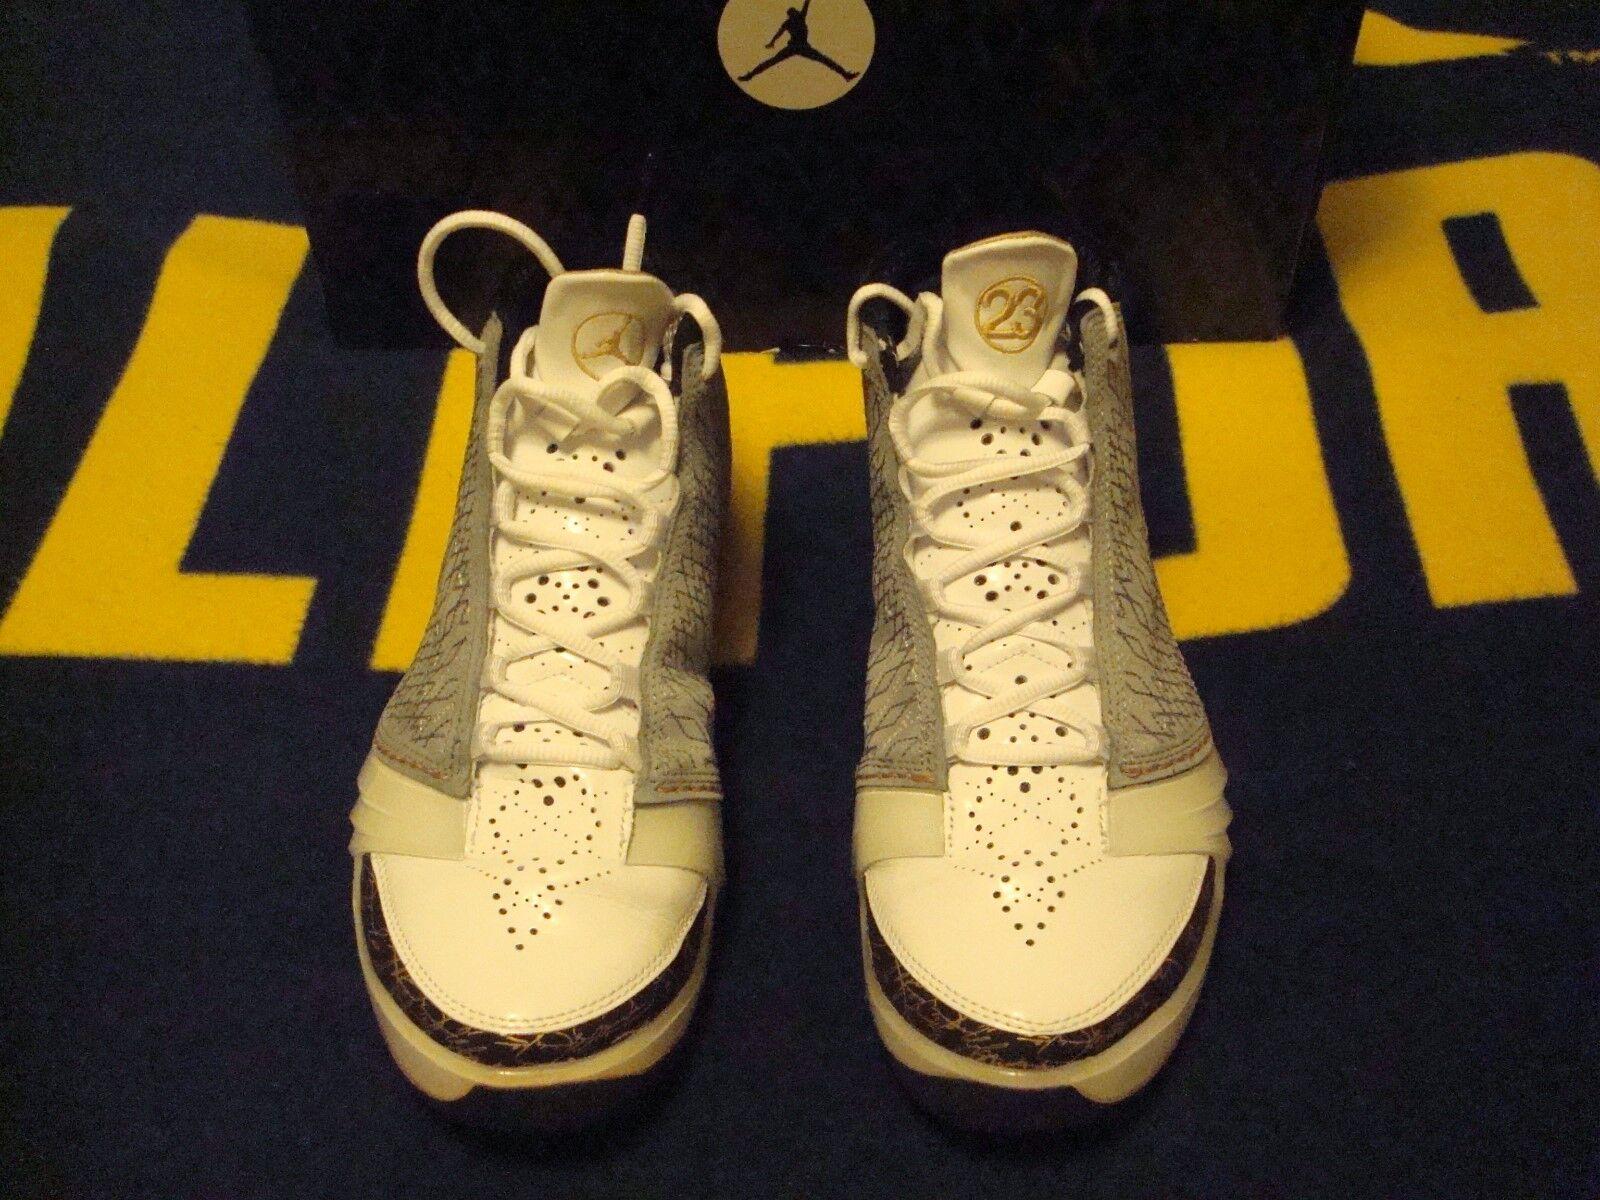 Jordan Brand Air Jordan XX3 Basketball shoes, Size 10.5 (2008)--White Stealth-Bl